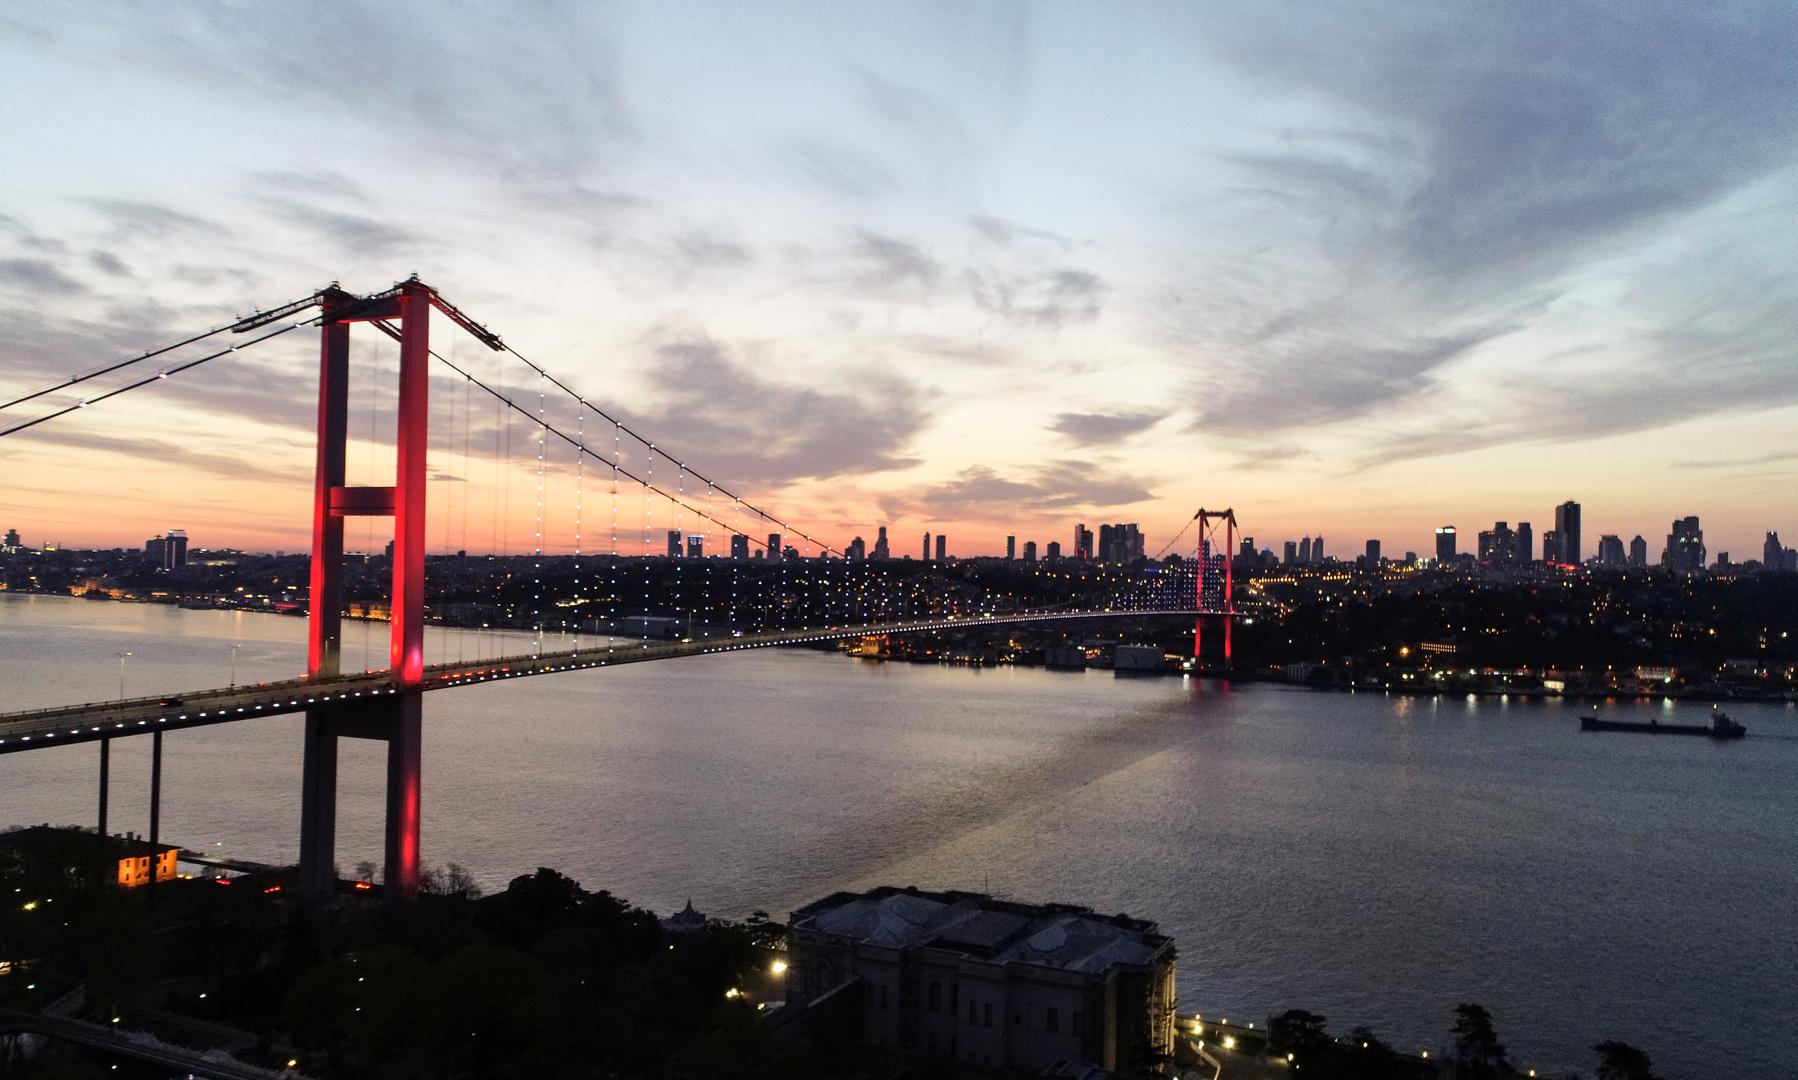 أردوغان يعلن موعد تشييد أول جسر فوق قناة اسطنبول